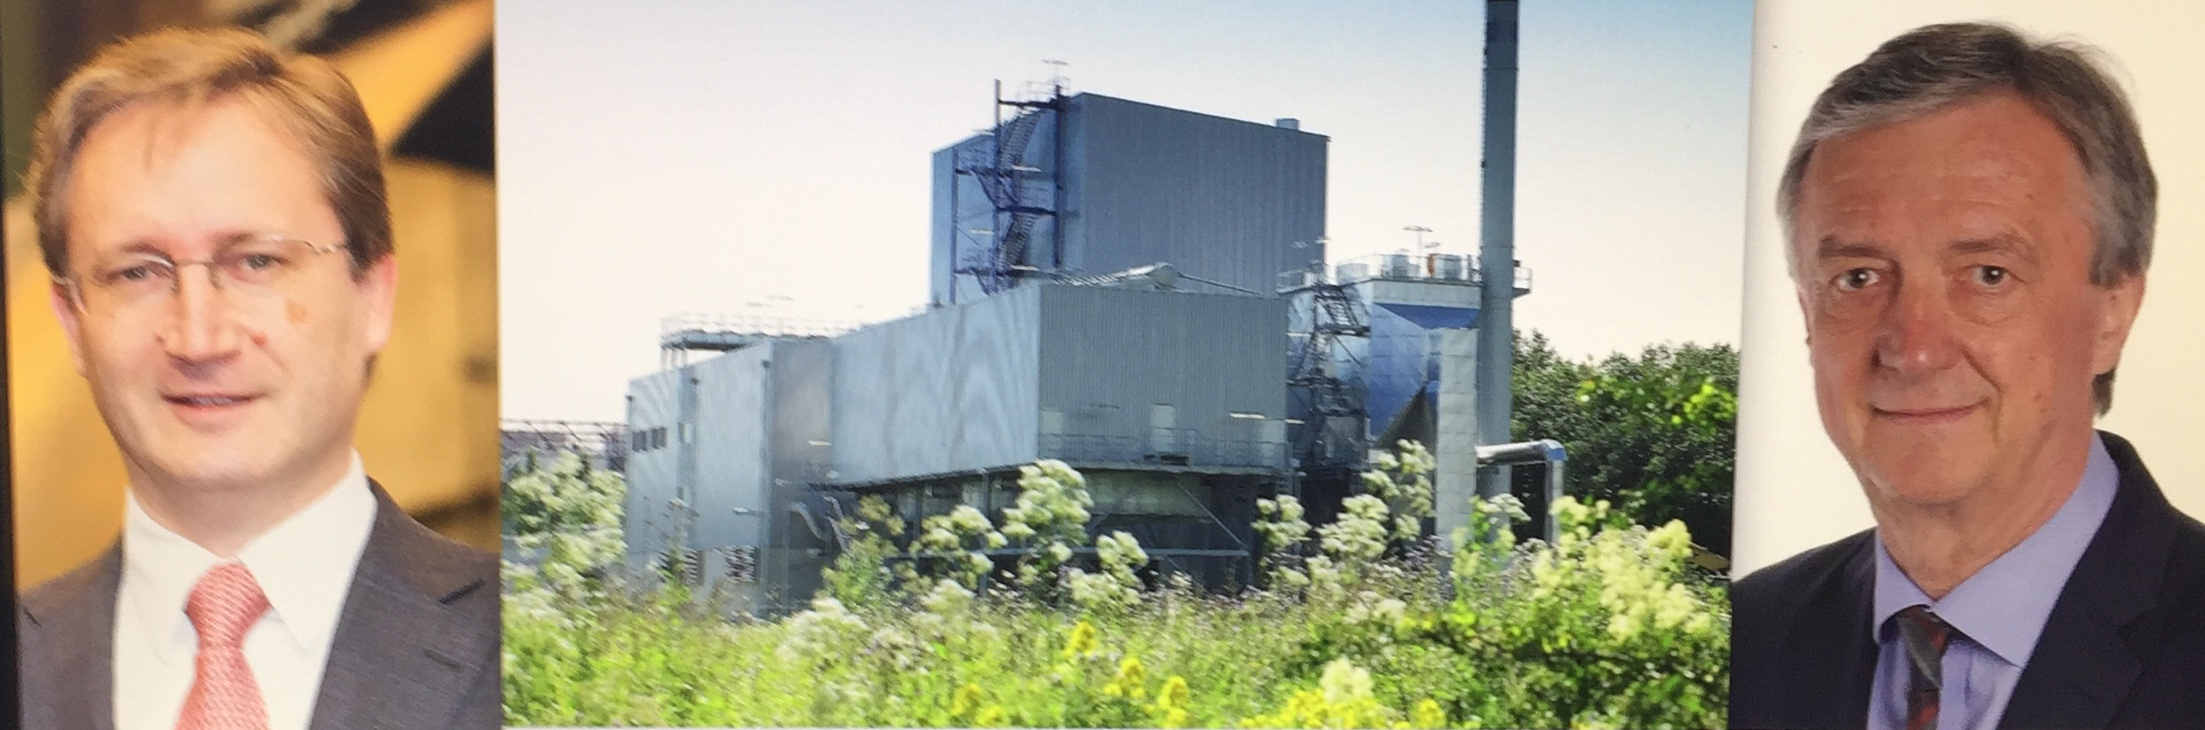 """Innovatives Unternehmen www.bertsch.at: """"Als Komplettanbieter bedarfsorientierter, flexibler und effizienter Biomasse-Wirbelschichtkraftwerke hat sich Bertsch Energy an Europas Spitze etabliert, ist top fit für die Ära der Erneuerbaren Energien und leistet einen wichtigen Beitrag zur Erreichung der Pariser Klimaziele"""", sagt Ing. Hubert Bertsch CEO Bertsch Holding; """"Mit jedem neuen Biomassekraftwerk verhindern wir das Äquivalent an fossilem Brennstoffeinsatz"""", sagt Mag. Gernot Kranabetter, CEO Bertsch Energy. Verena Daum Projektleitung VN-Klimaschutzpreis 2018 Vorarlberger Nachrichten www.progression.at Garden Eden Organisation"""